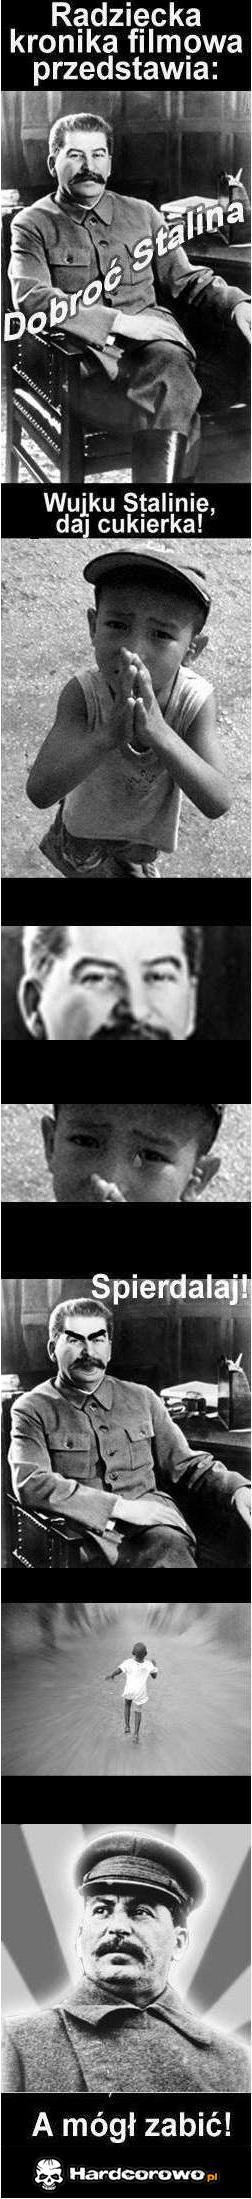 Dobroć wujka Stalina - 1